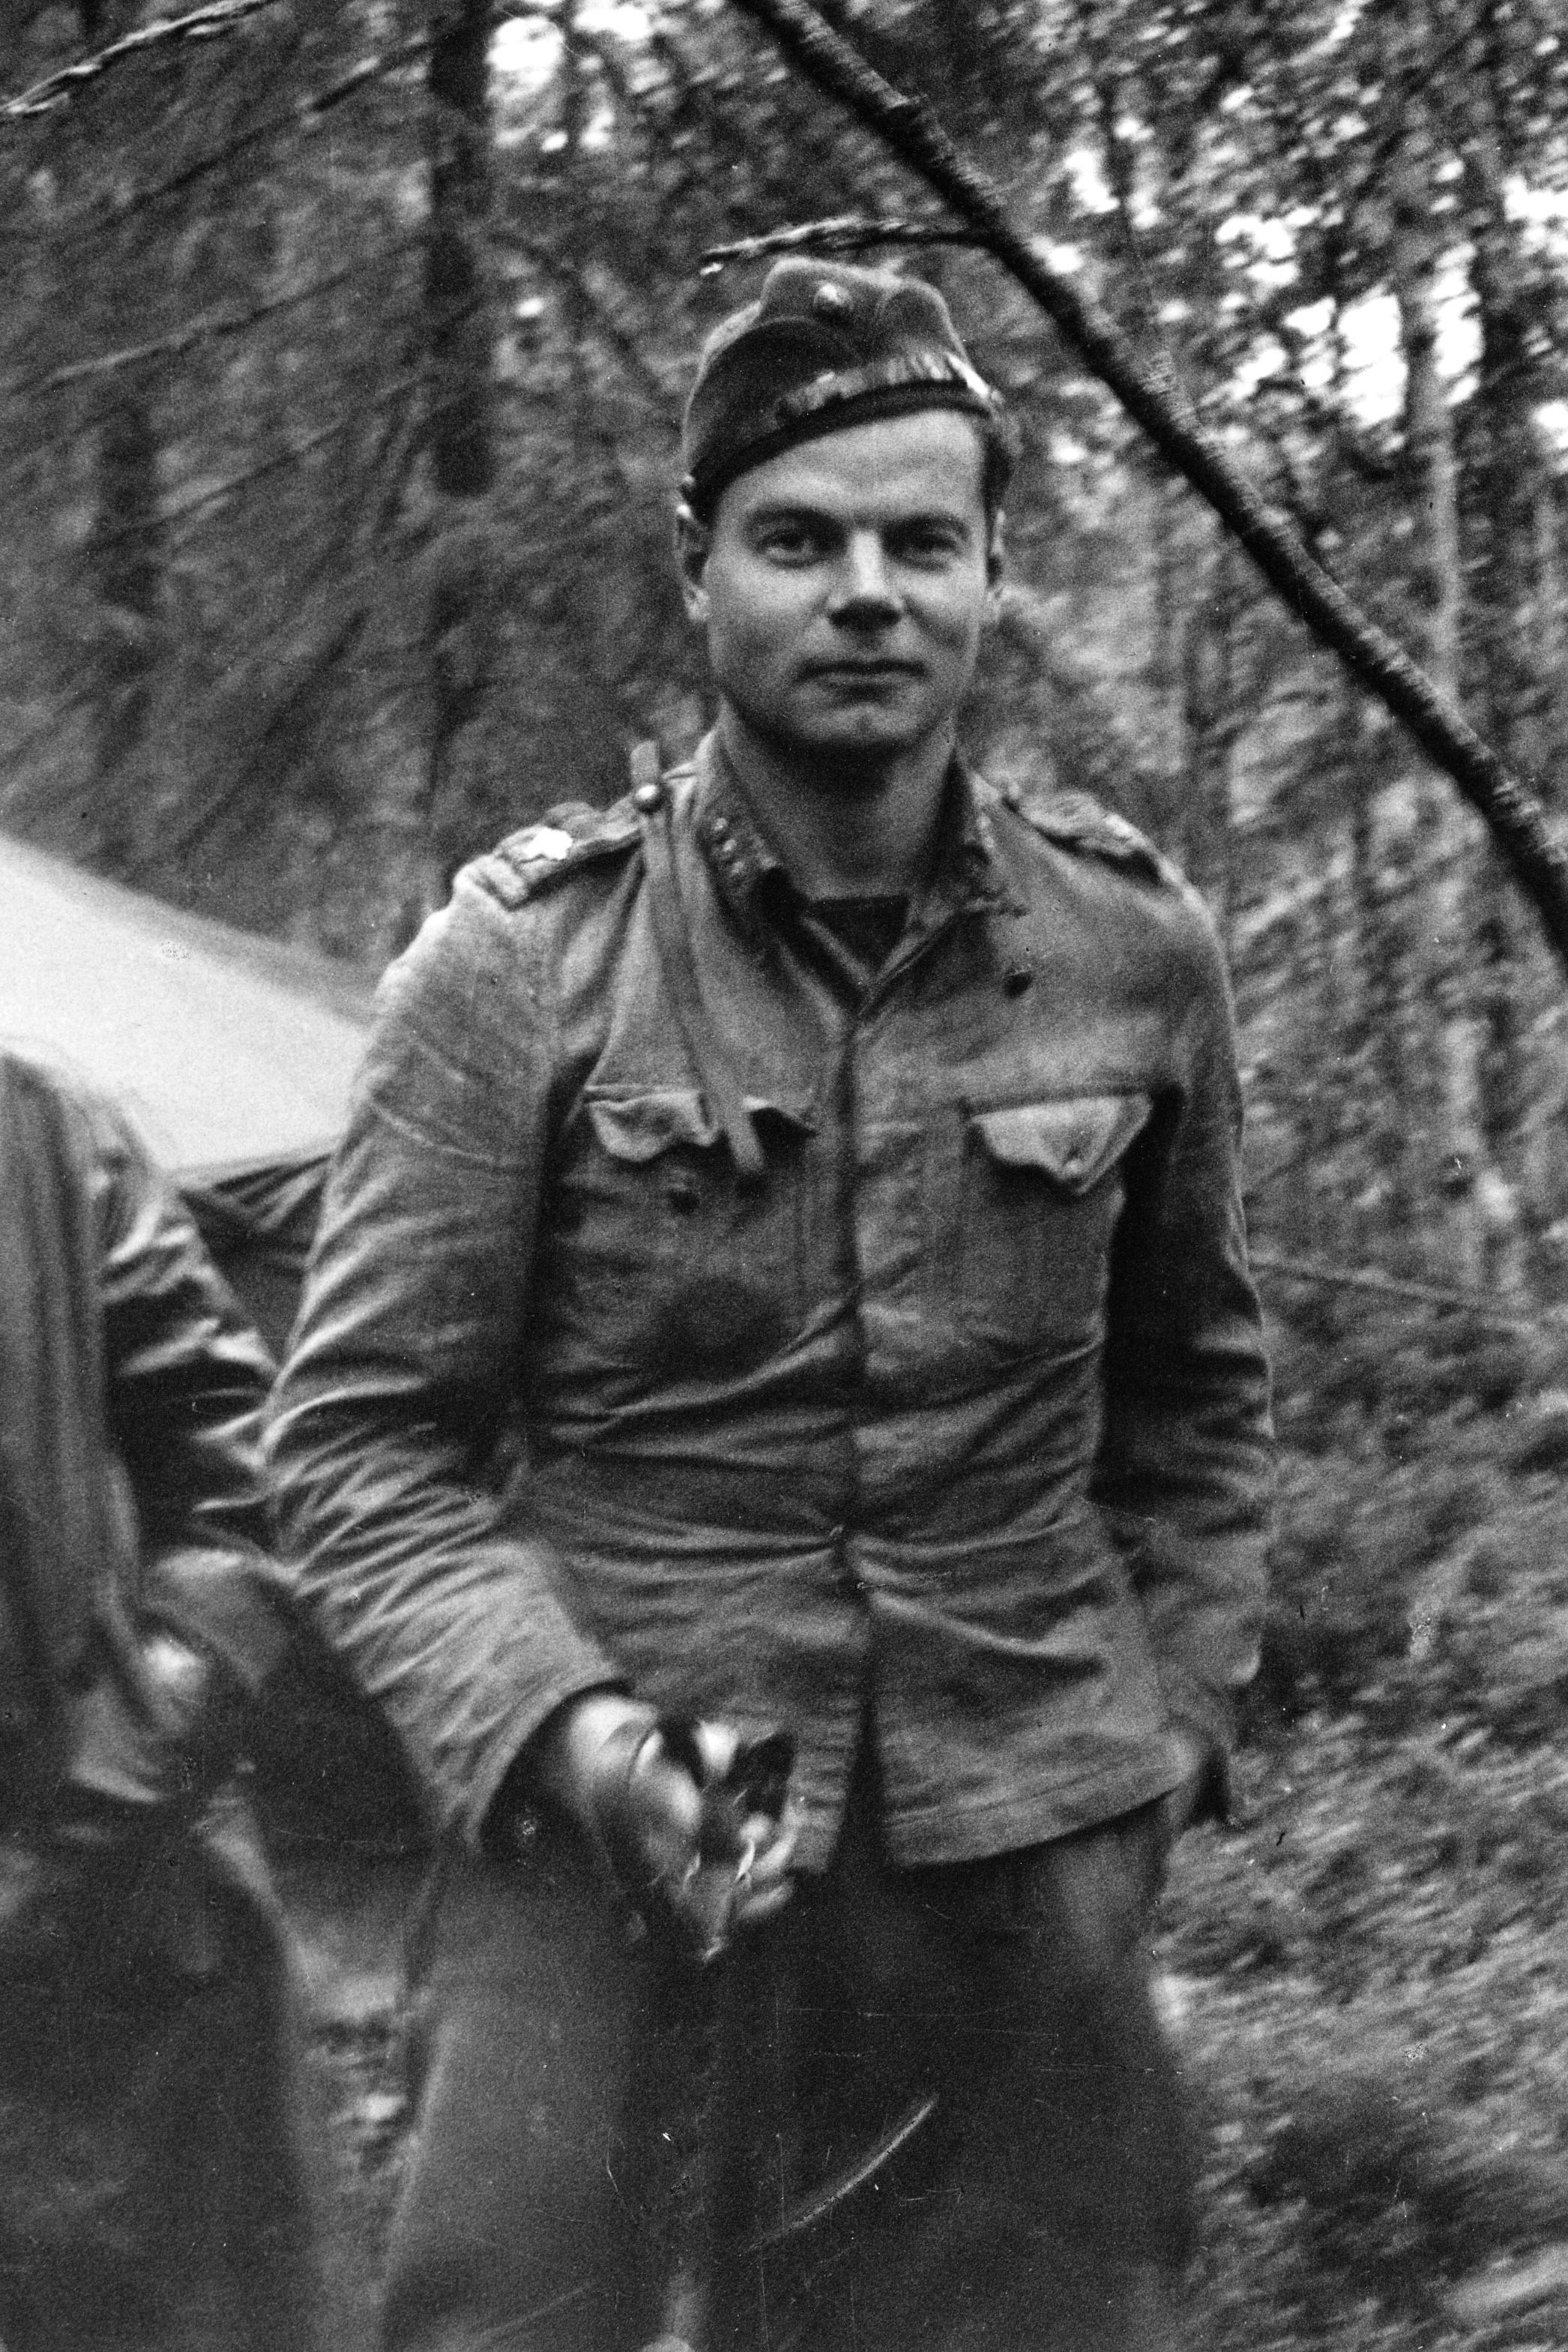 Pentti Perttuli Rukajärven rintamalla 4.9.1944, jolloin hän oli juuri saanut tiedon aselevosta.